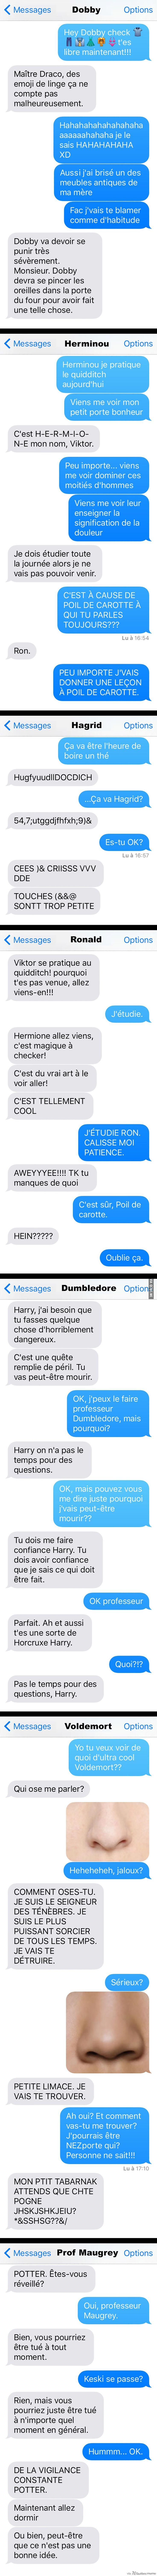 7 TXT de personnages d'Harry Potter... sérieux J'ADORE le numéro 6: